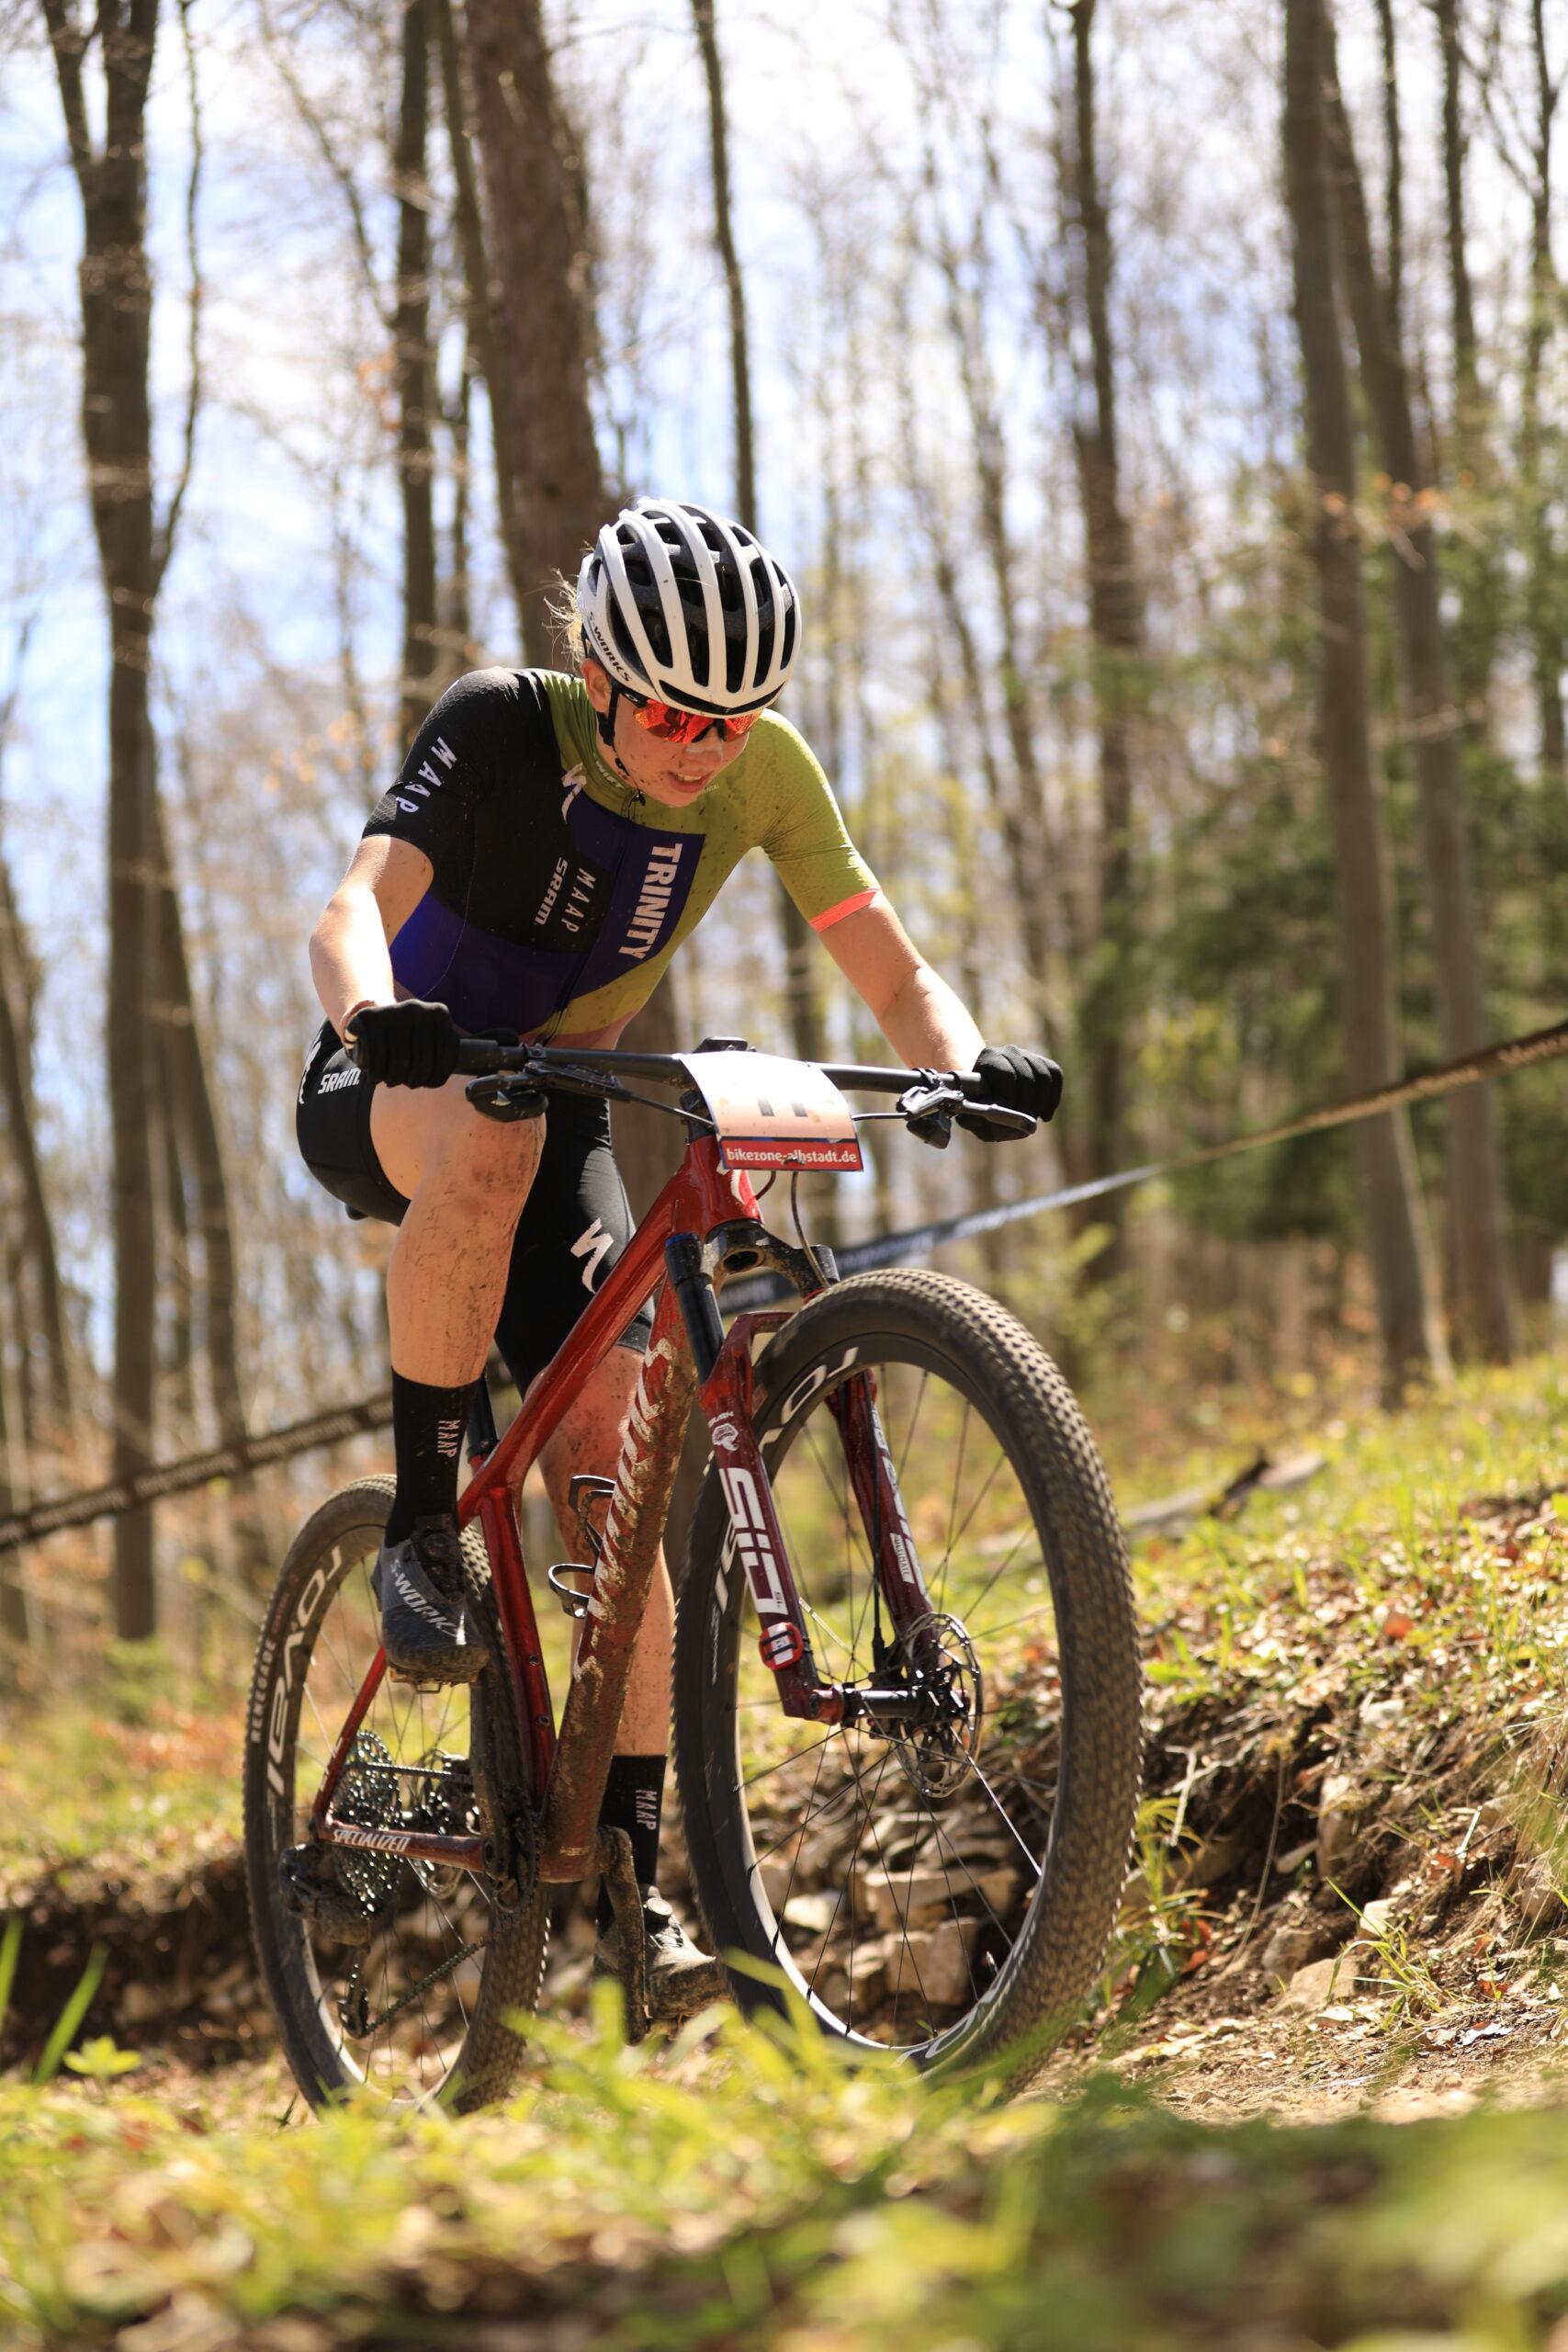 Haley Batten wint shorttrack, wereldkampioene valt zwaar in Nove Mesto